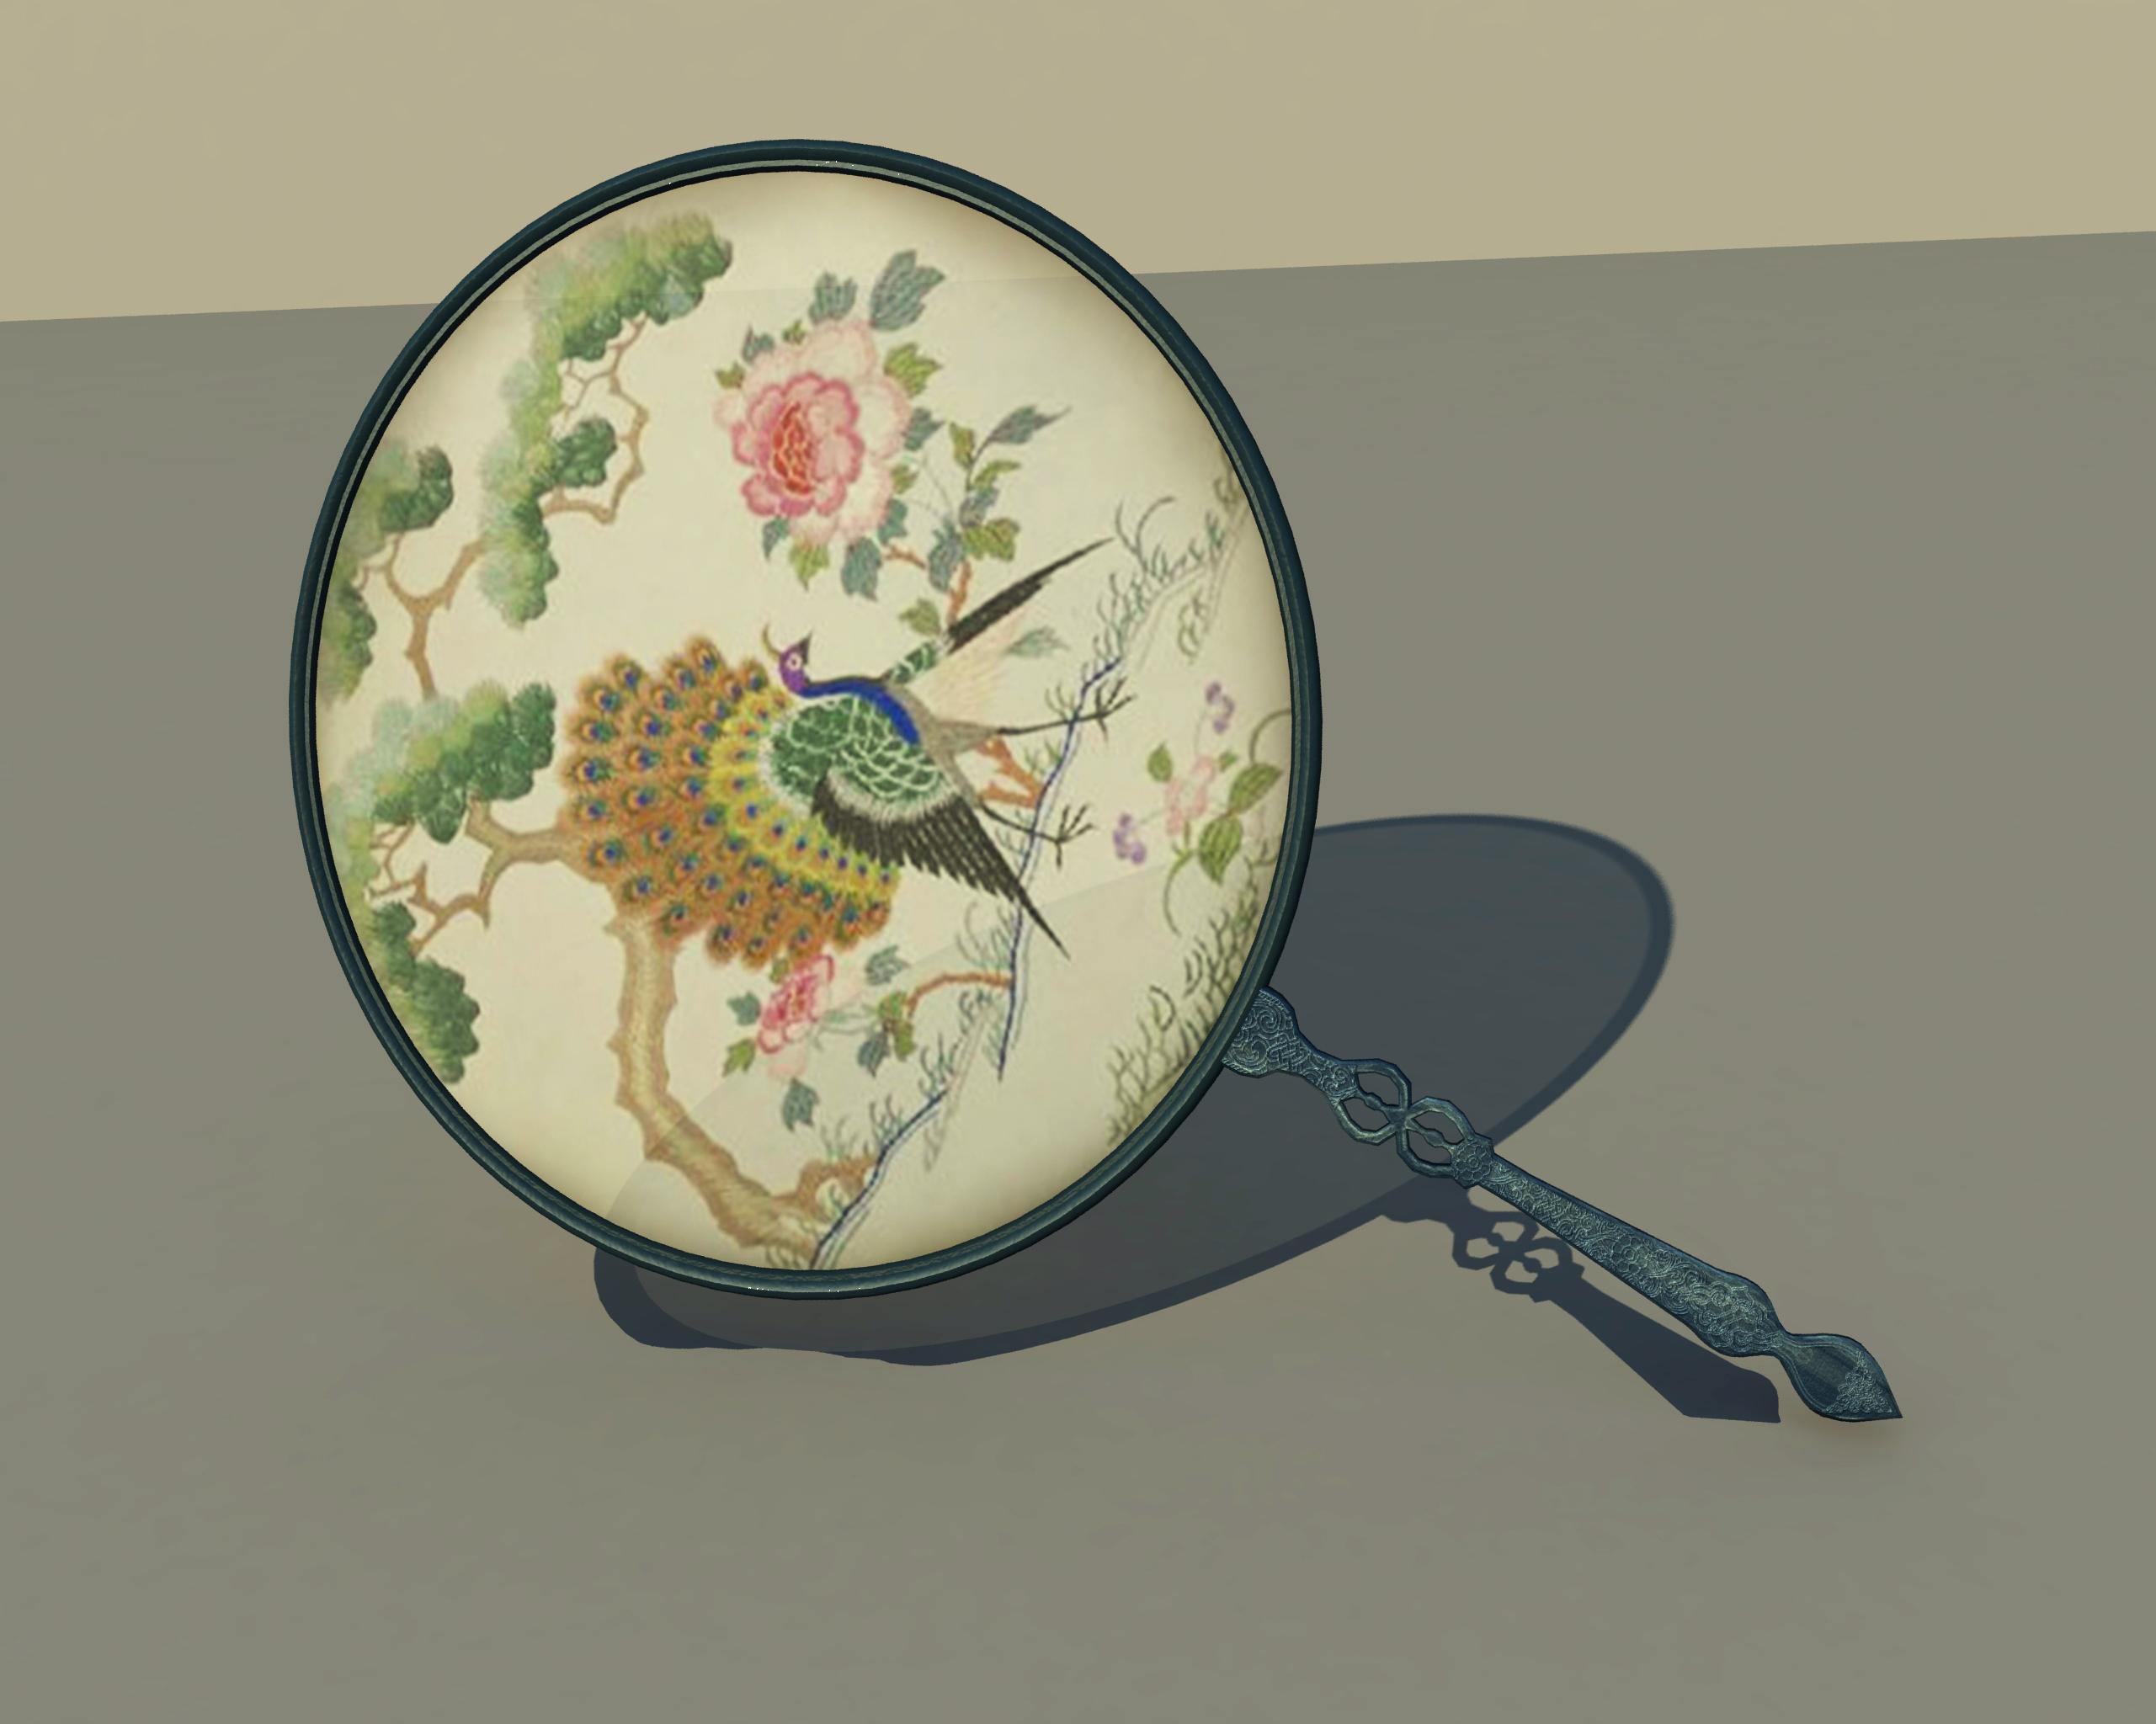 中国风团扇宫扇圆形女式扇子古代宫廷舞蹈扇复古风彩绘扇3d模型下载